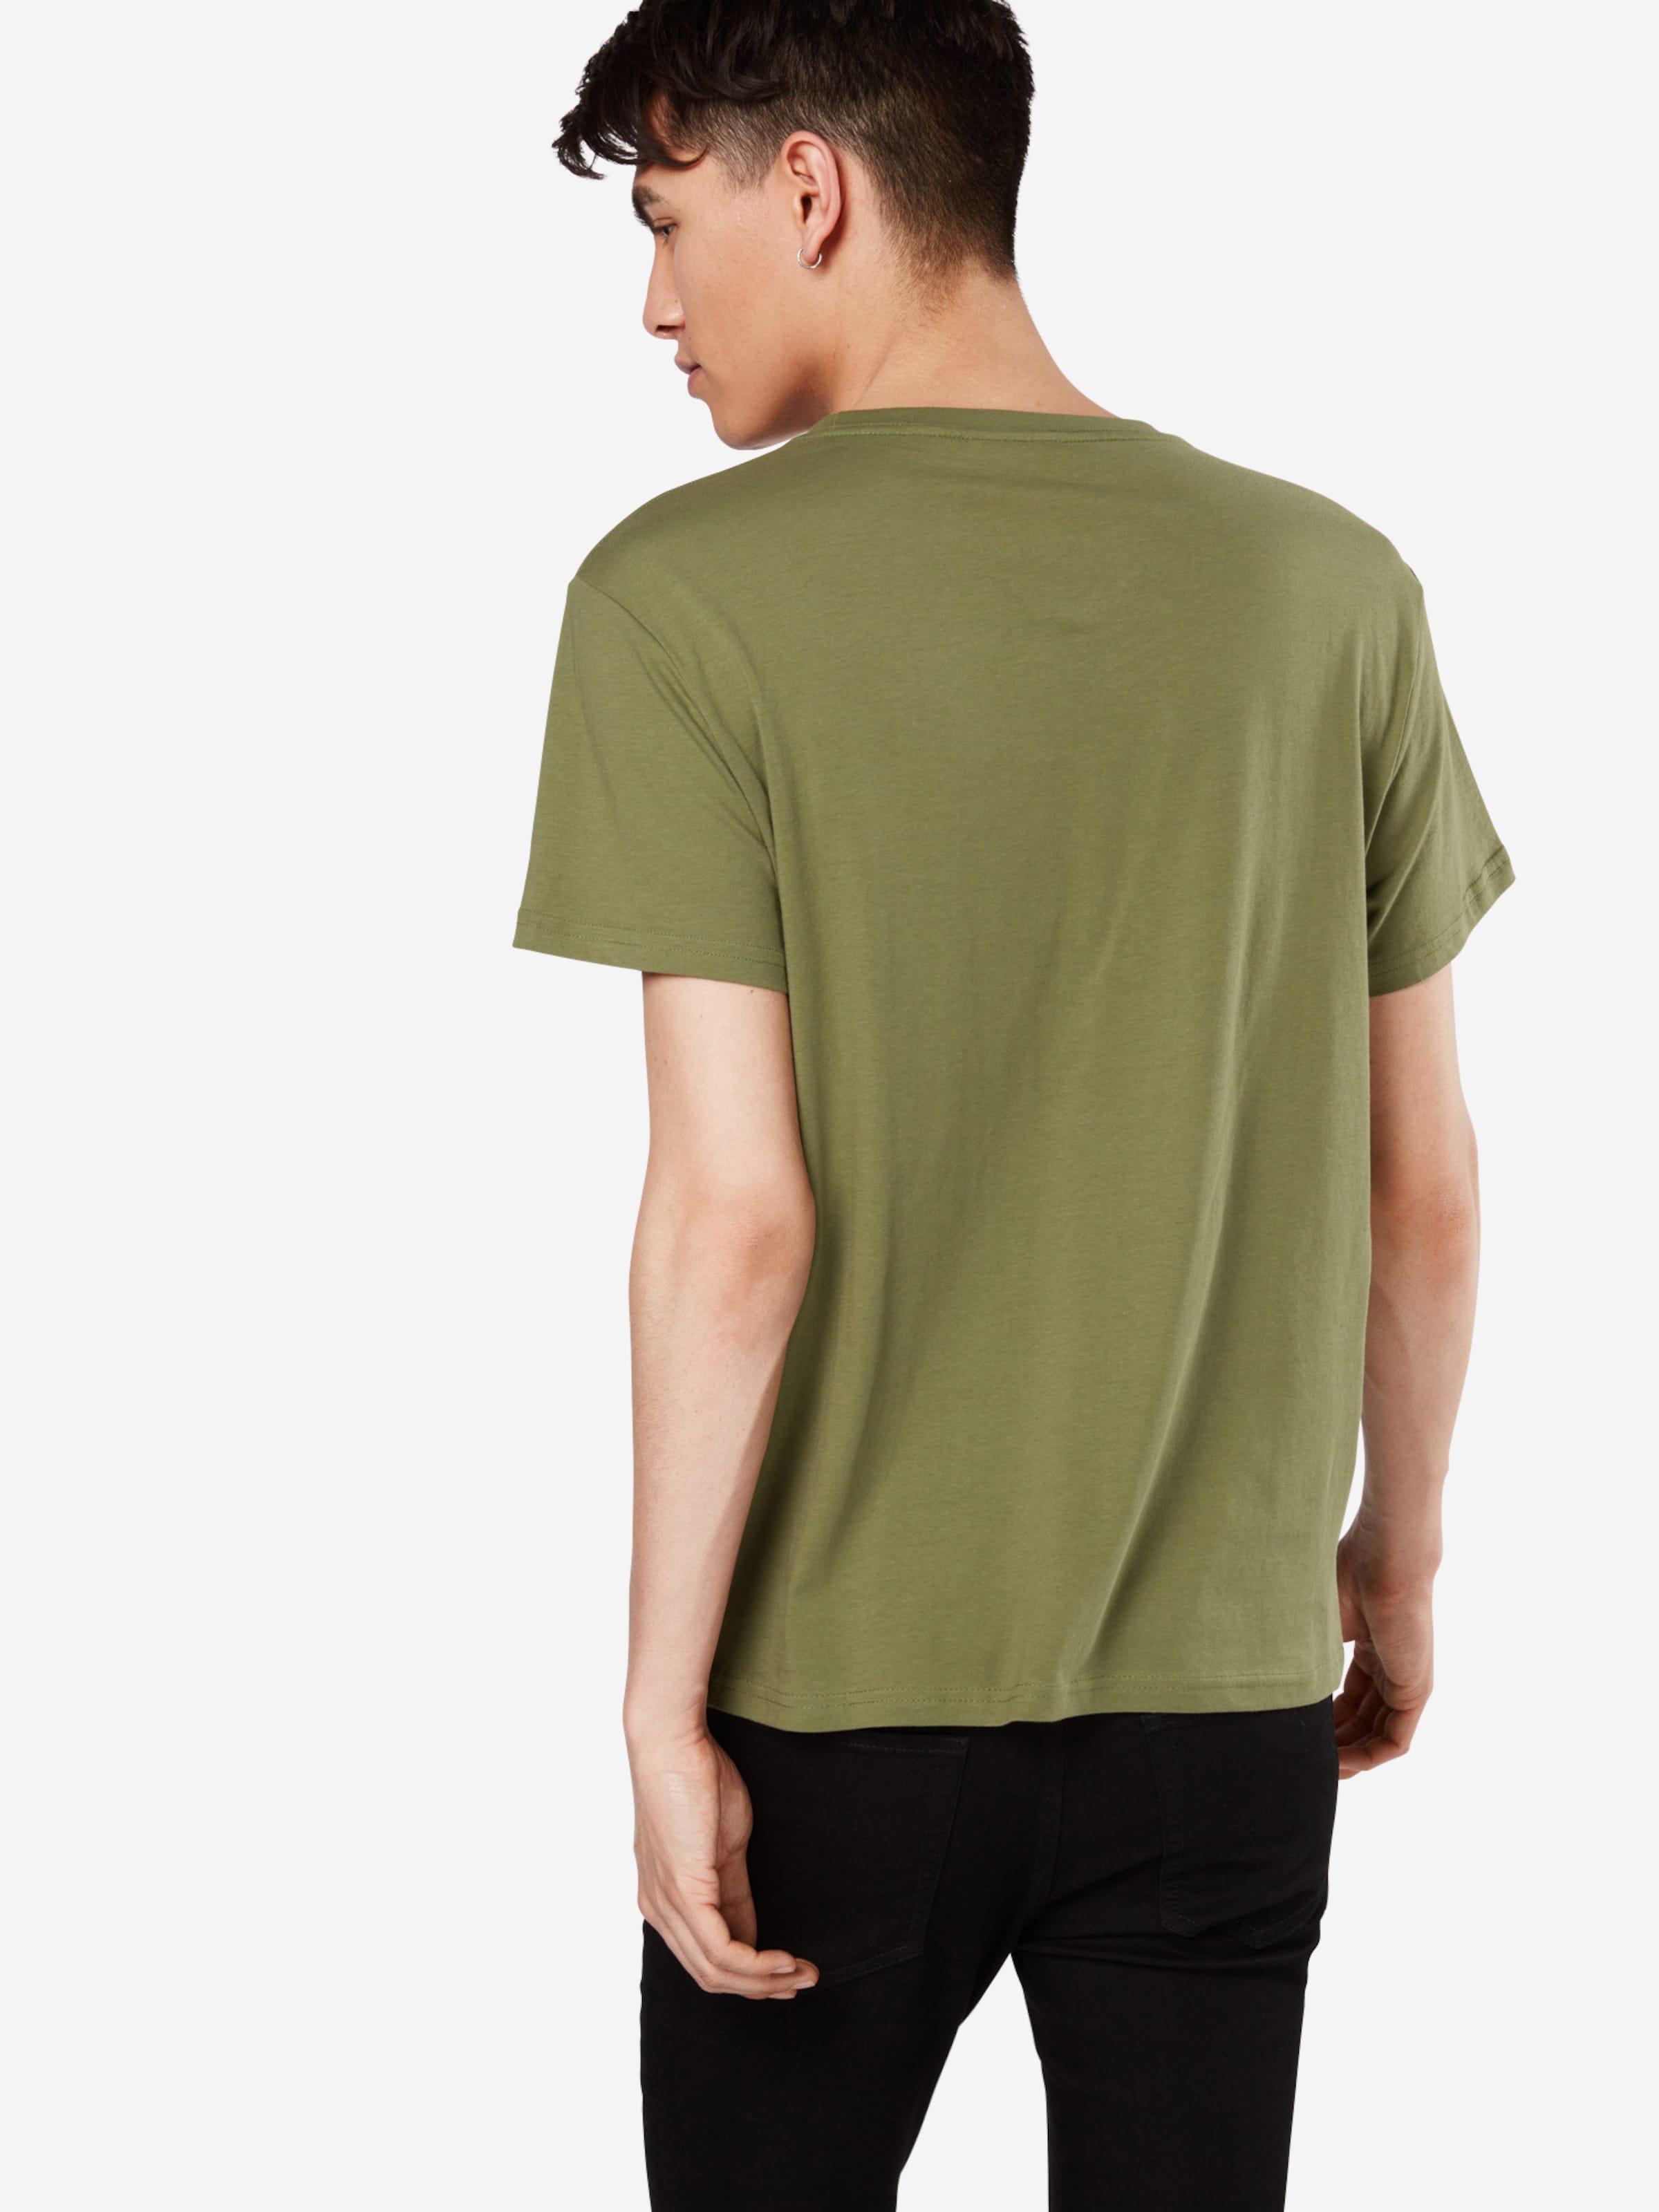 Mit Paypal Online Günstig Kaufen Viele Arten Von CHEAP MONDAY T-Shirt 'Standard tee Spliced cheap' Verkauf Rabatte Günstig Kaufen Besuch wAXXlBtZra